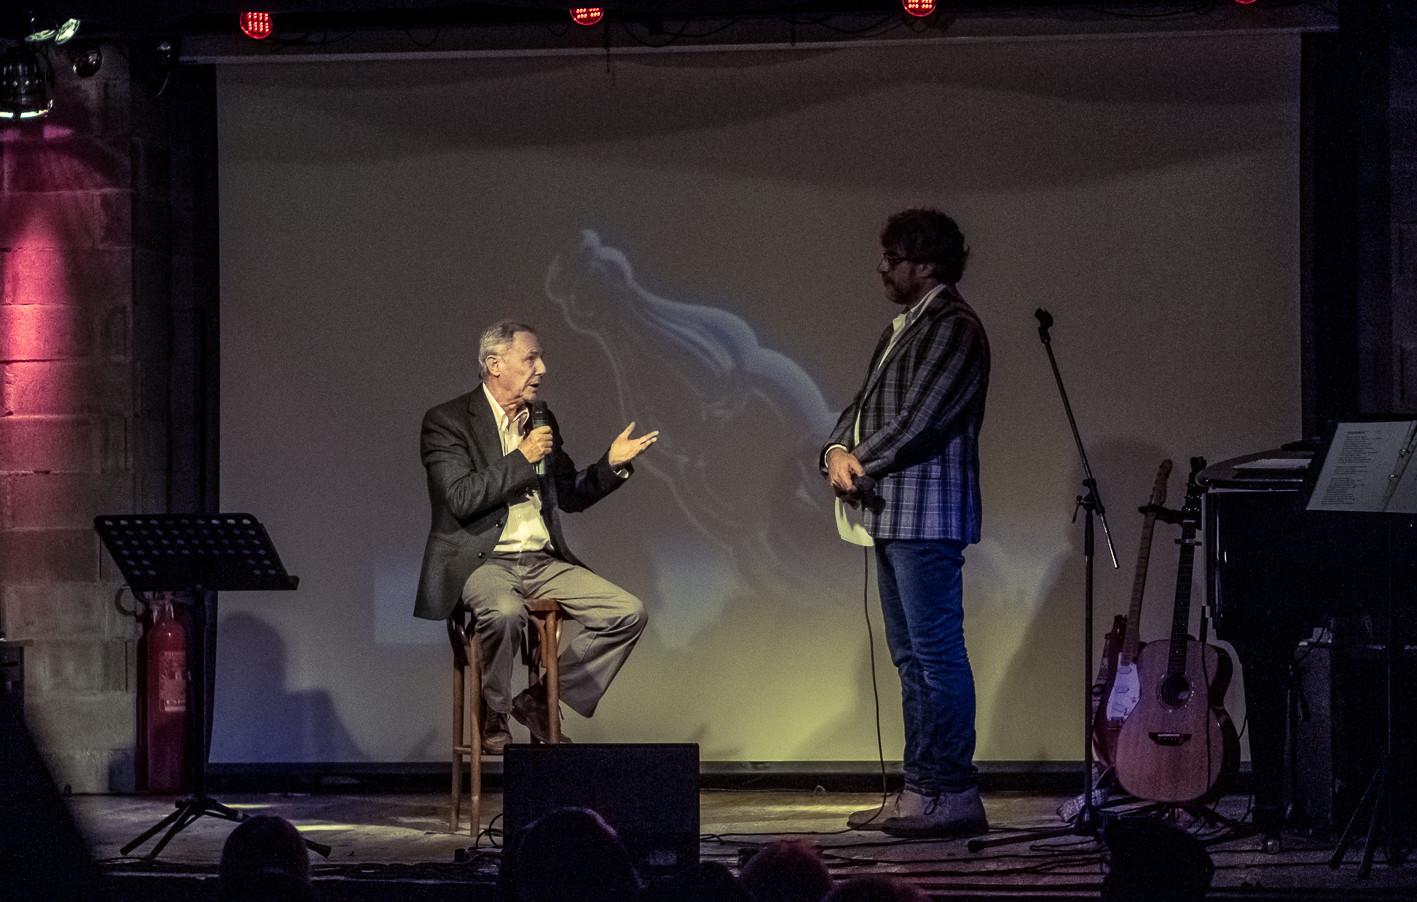 Bruno Bozzetto con Claudio Sanfilippo